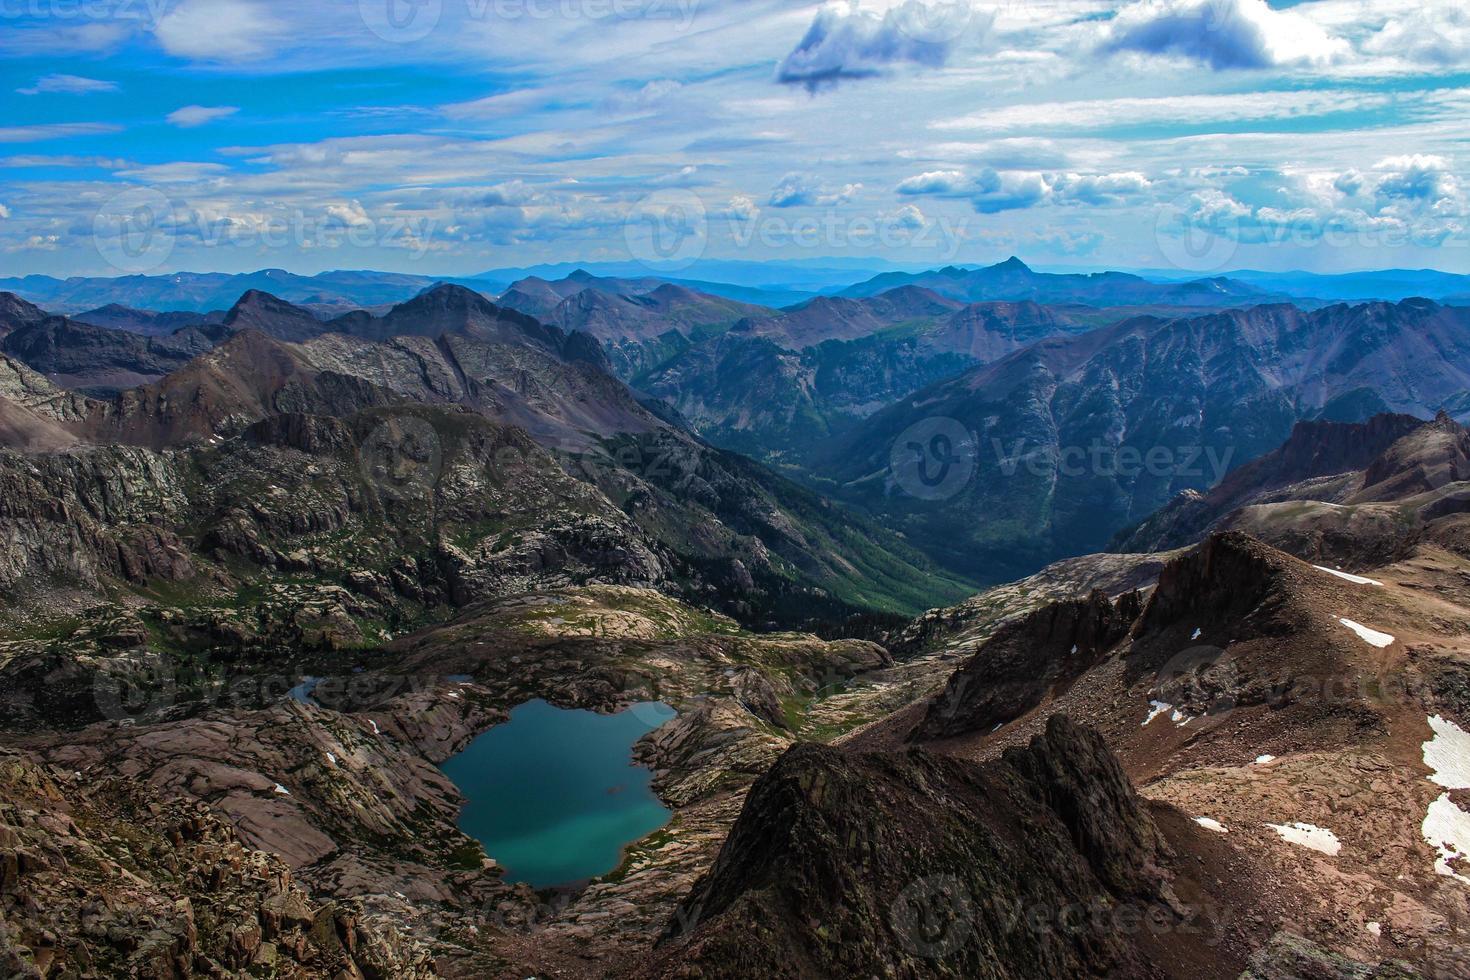 cume da montanha de rocha do colorado foto